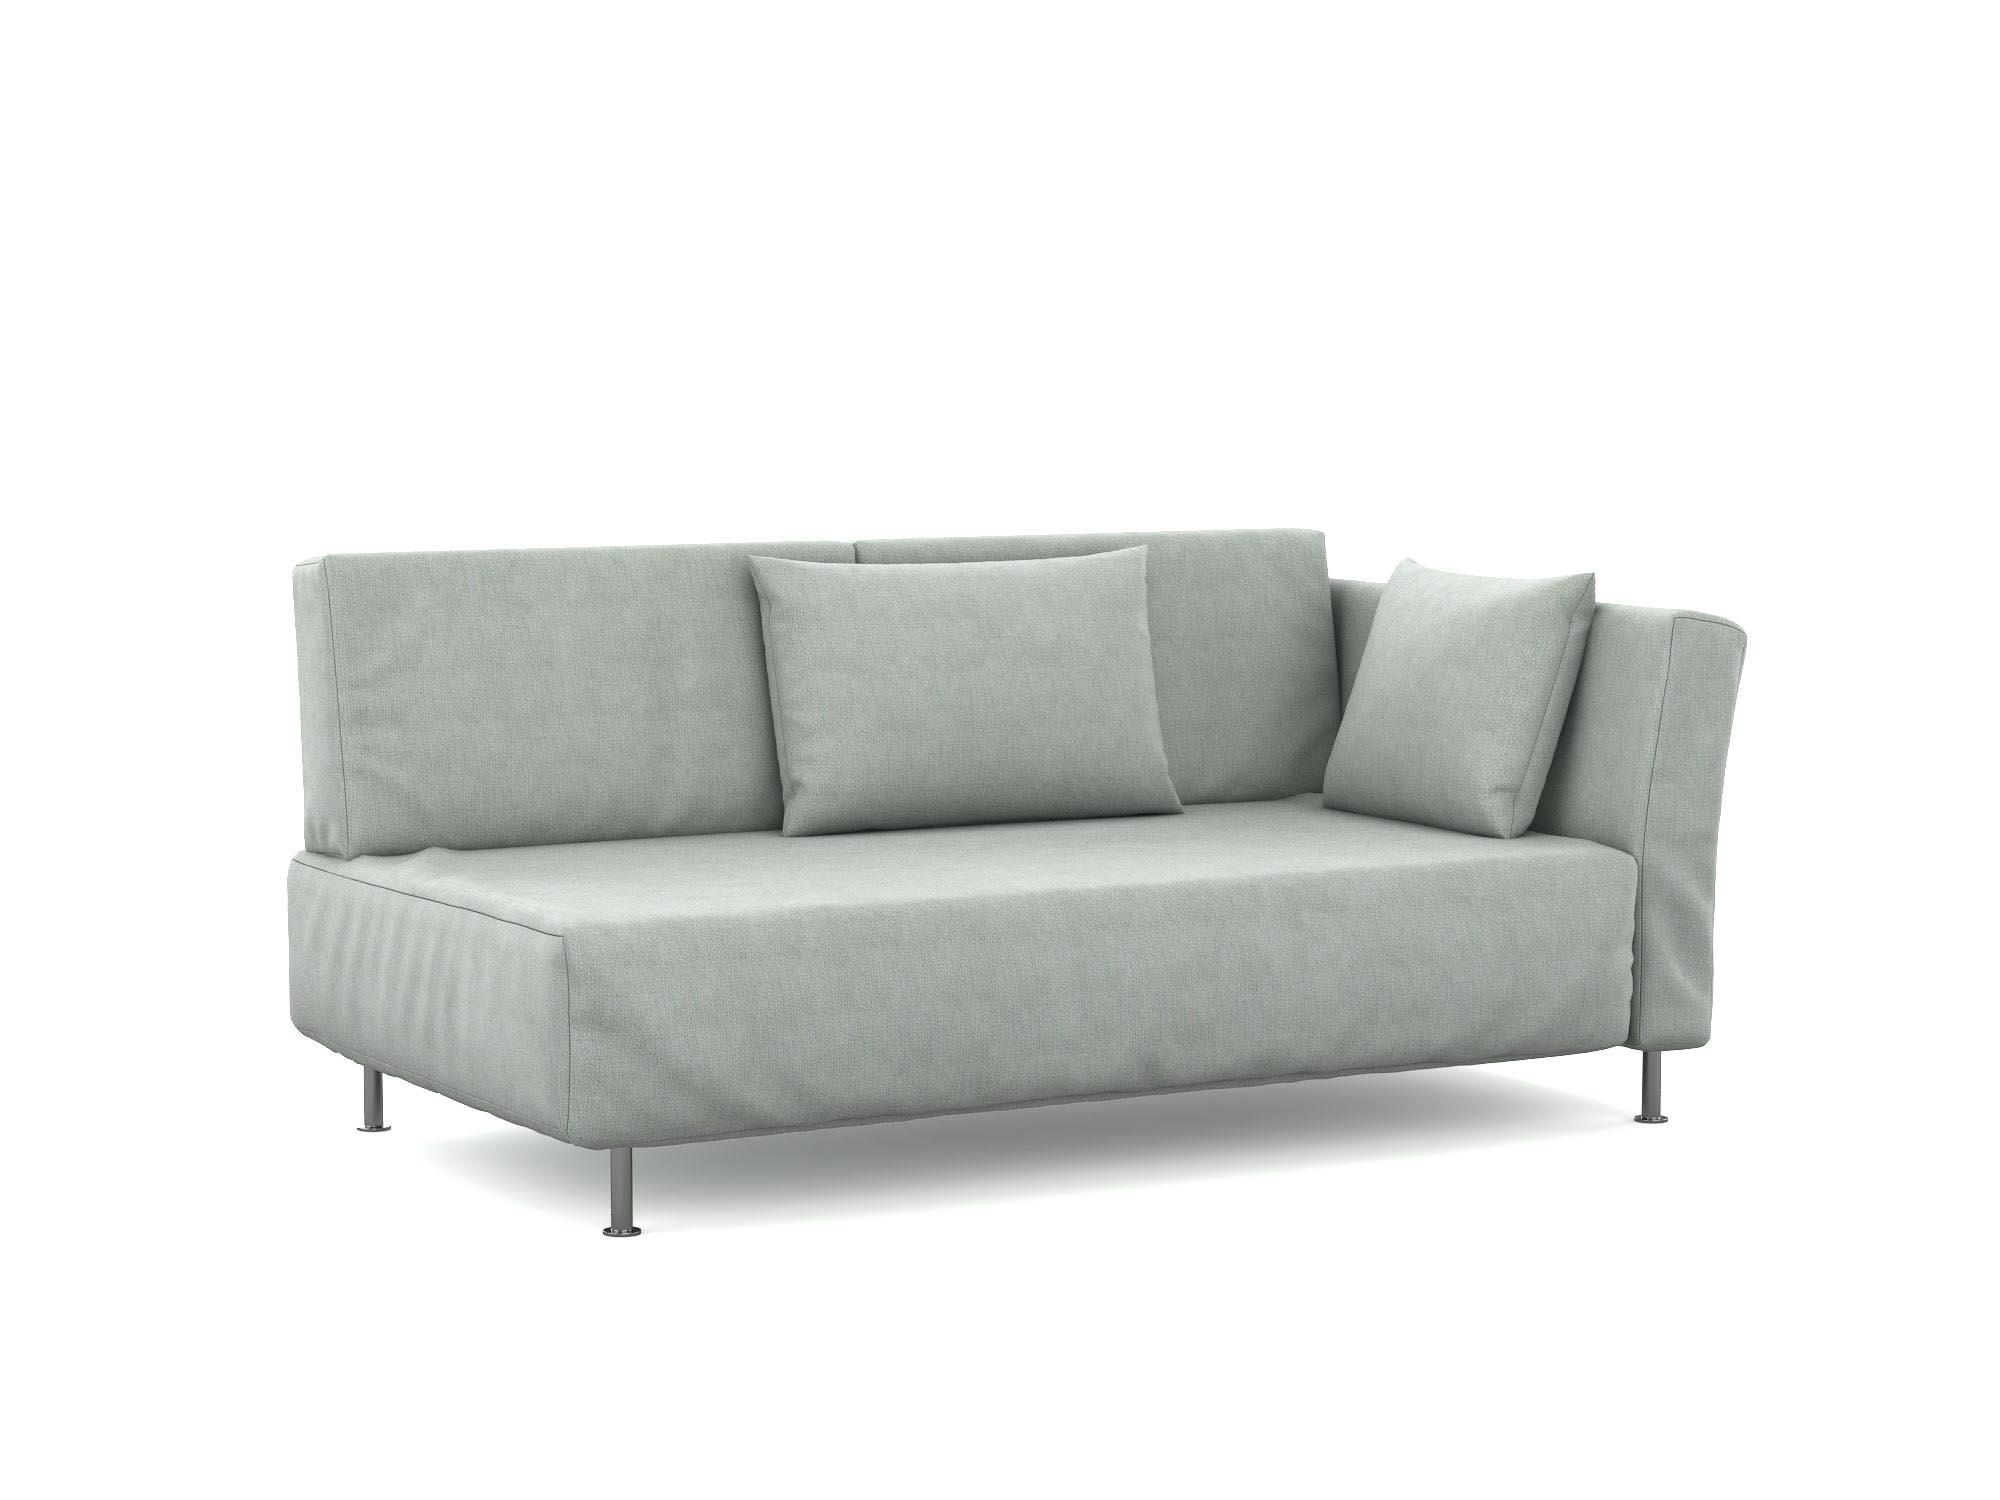 Falsterbo pokrowiec na sofę 2-osobową  z 1 podłokietnikiem